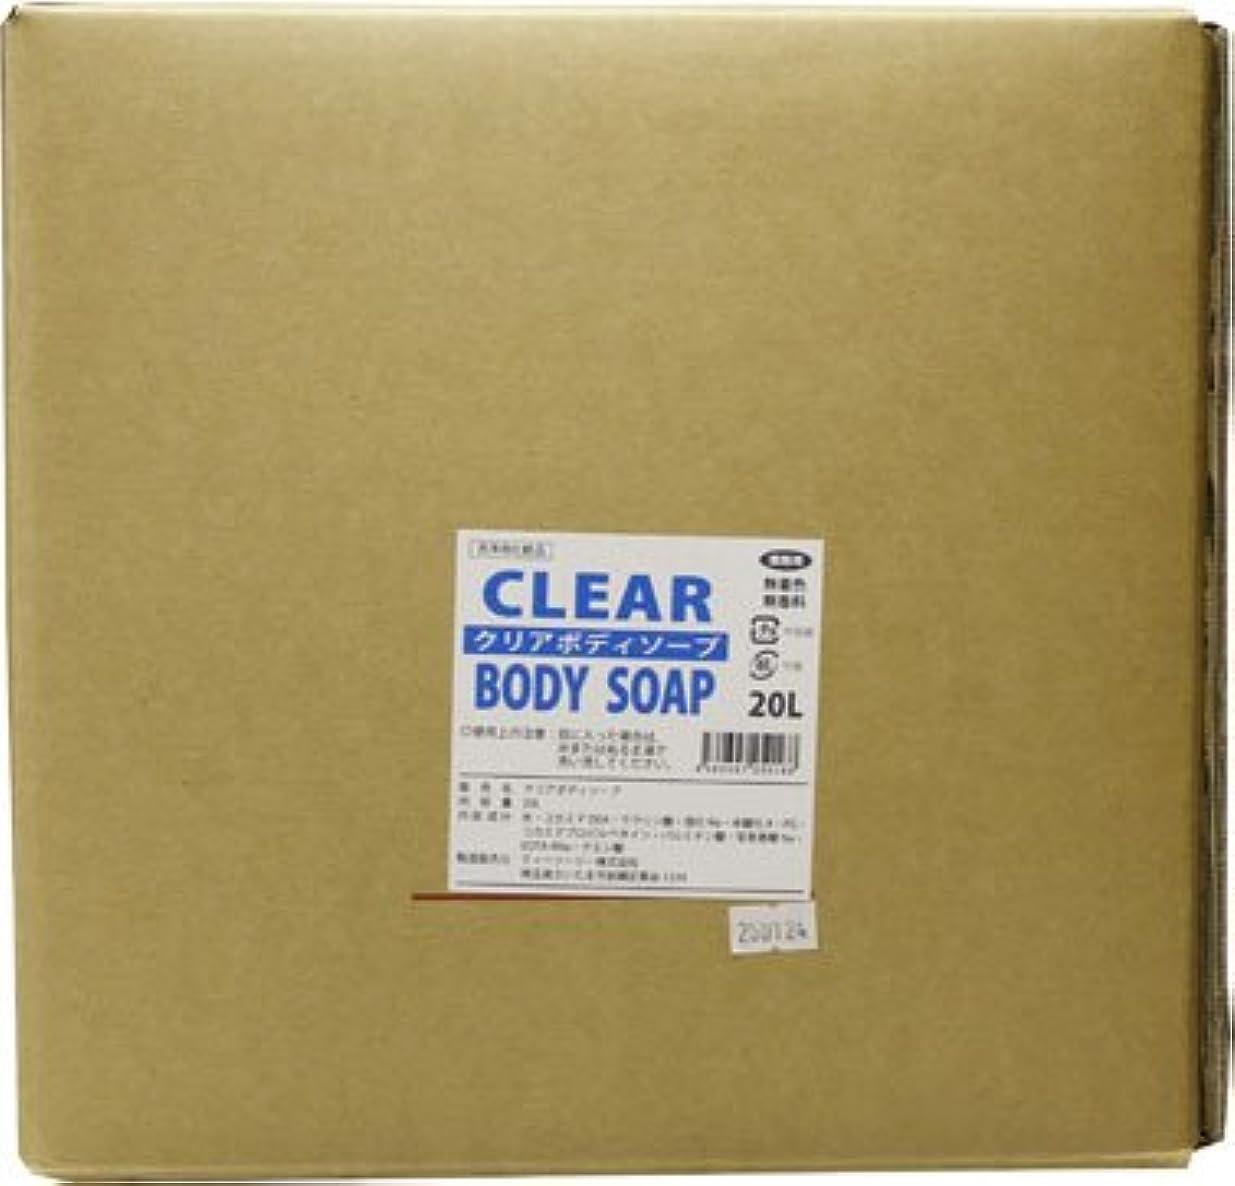 援助クールシロクマ【無香料】【無着色】業務用クリアボディソープ20L